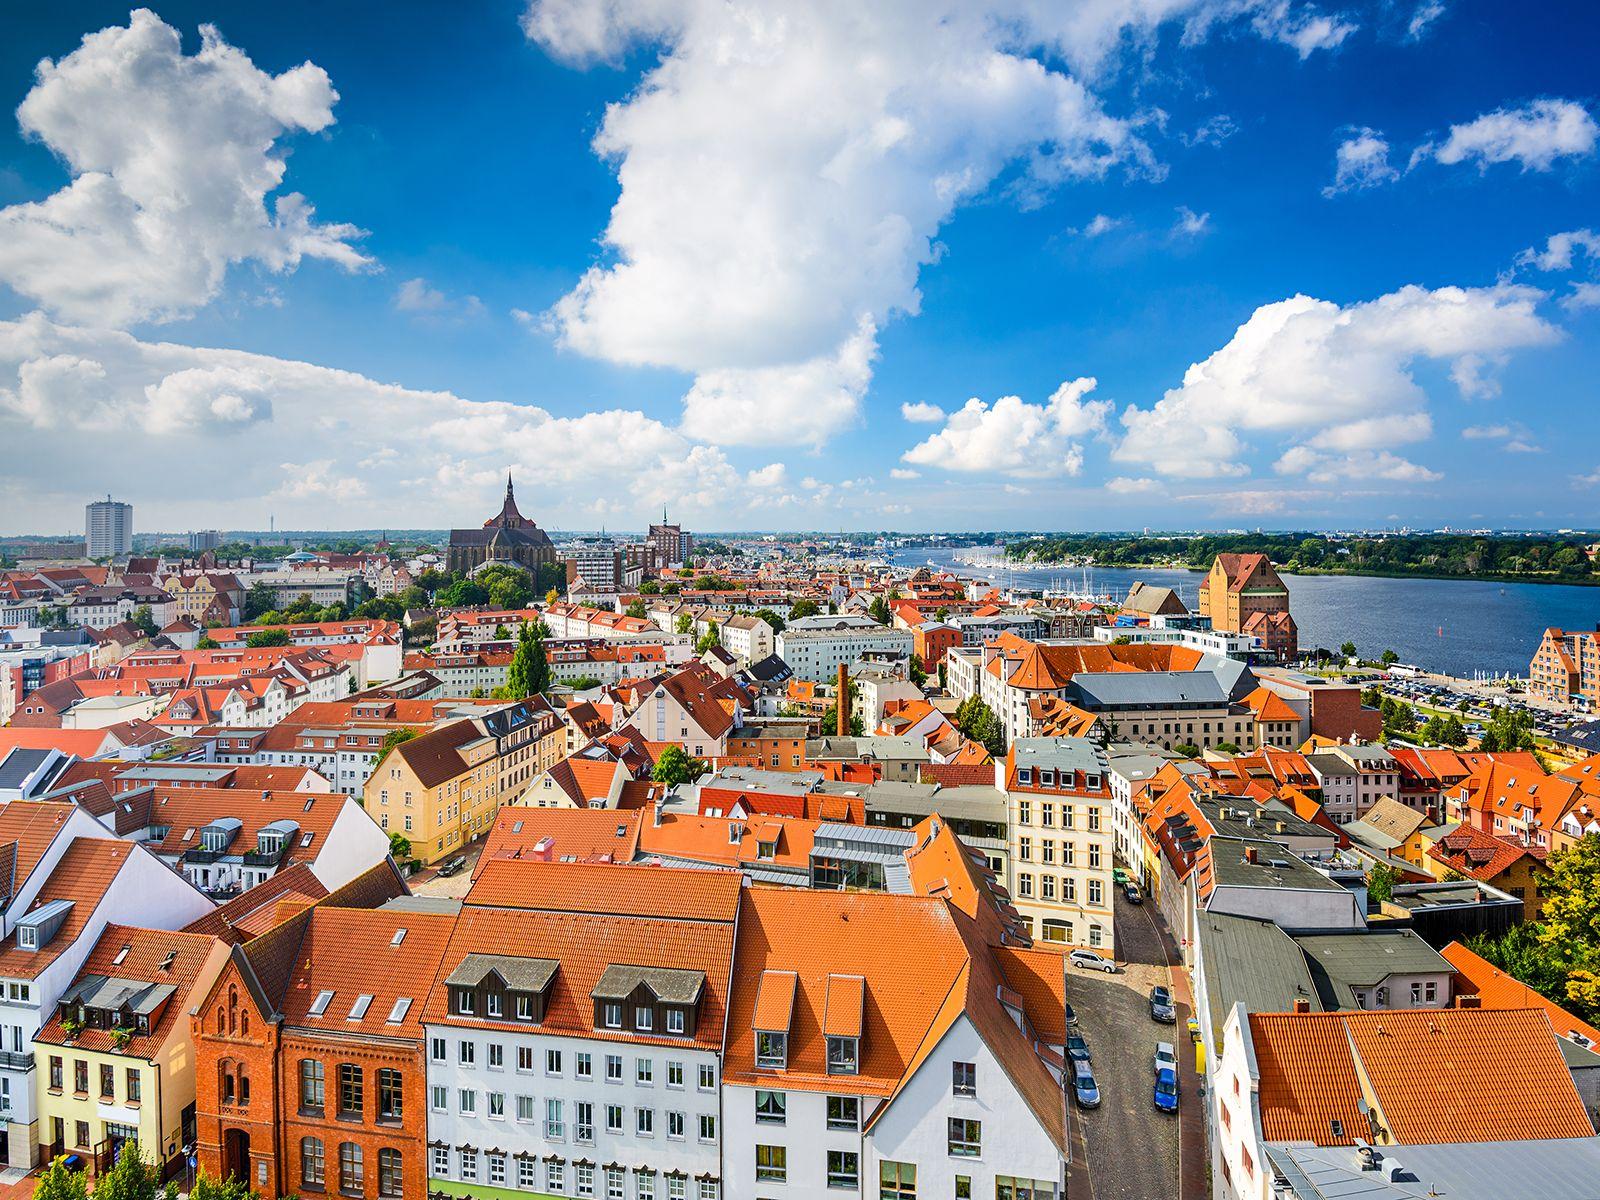 Rostock veranstaltungsorte t v nord for Hotels in warnemunde mit meerblick